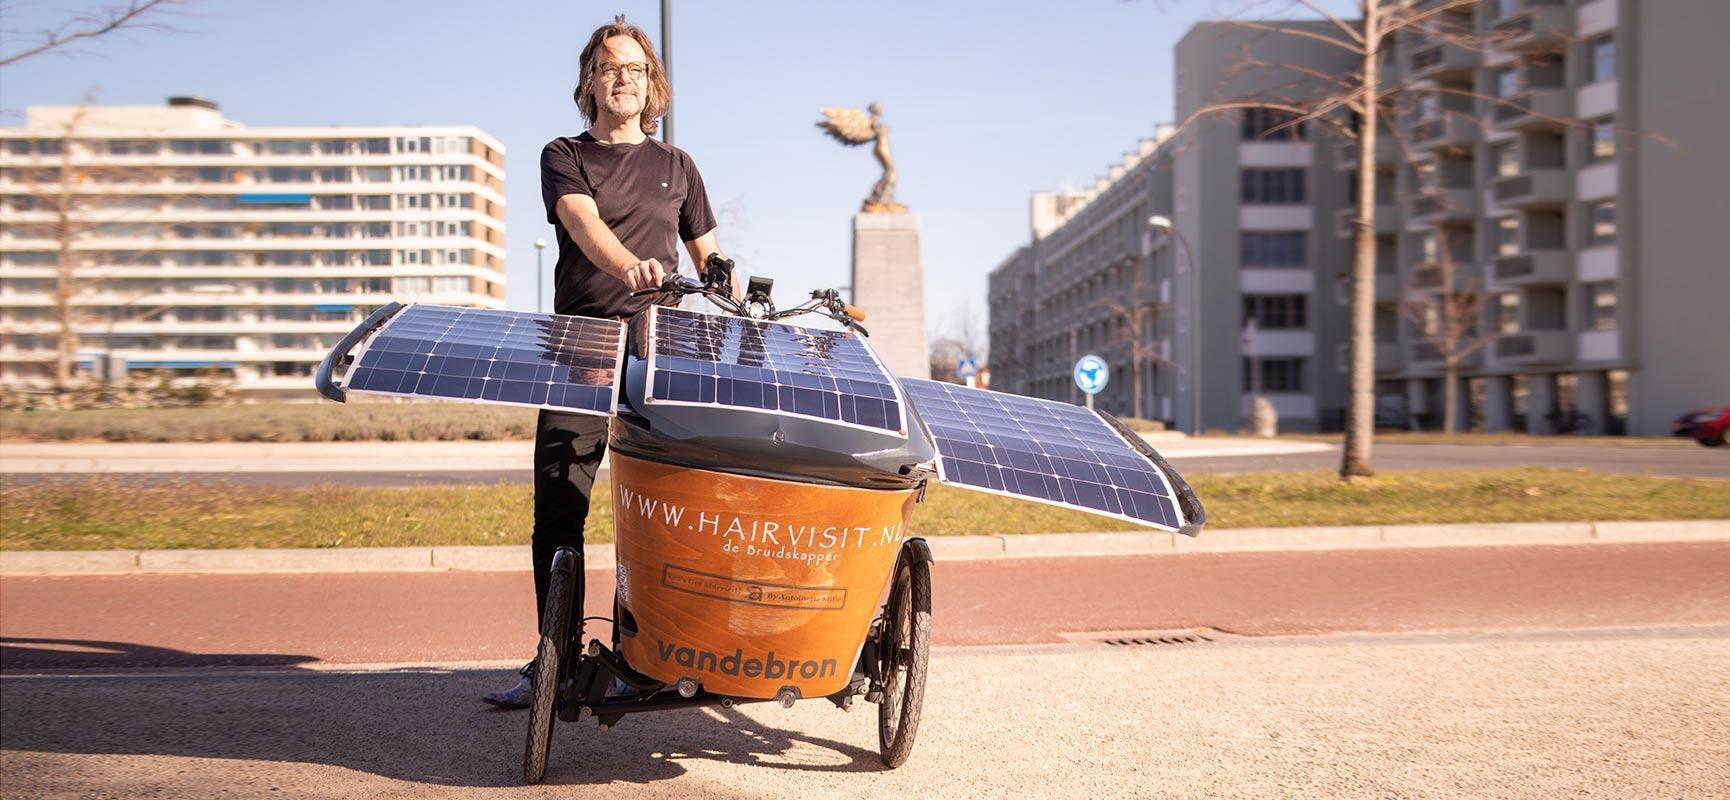 Destination Glasgow à vélo cargo avec panneaux solaires